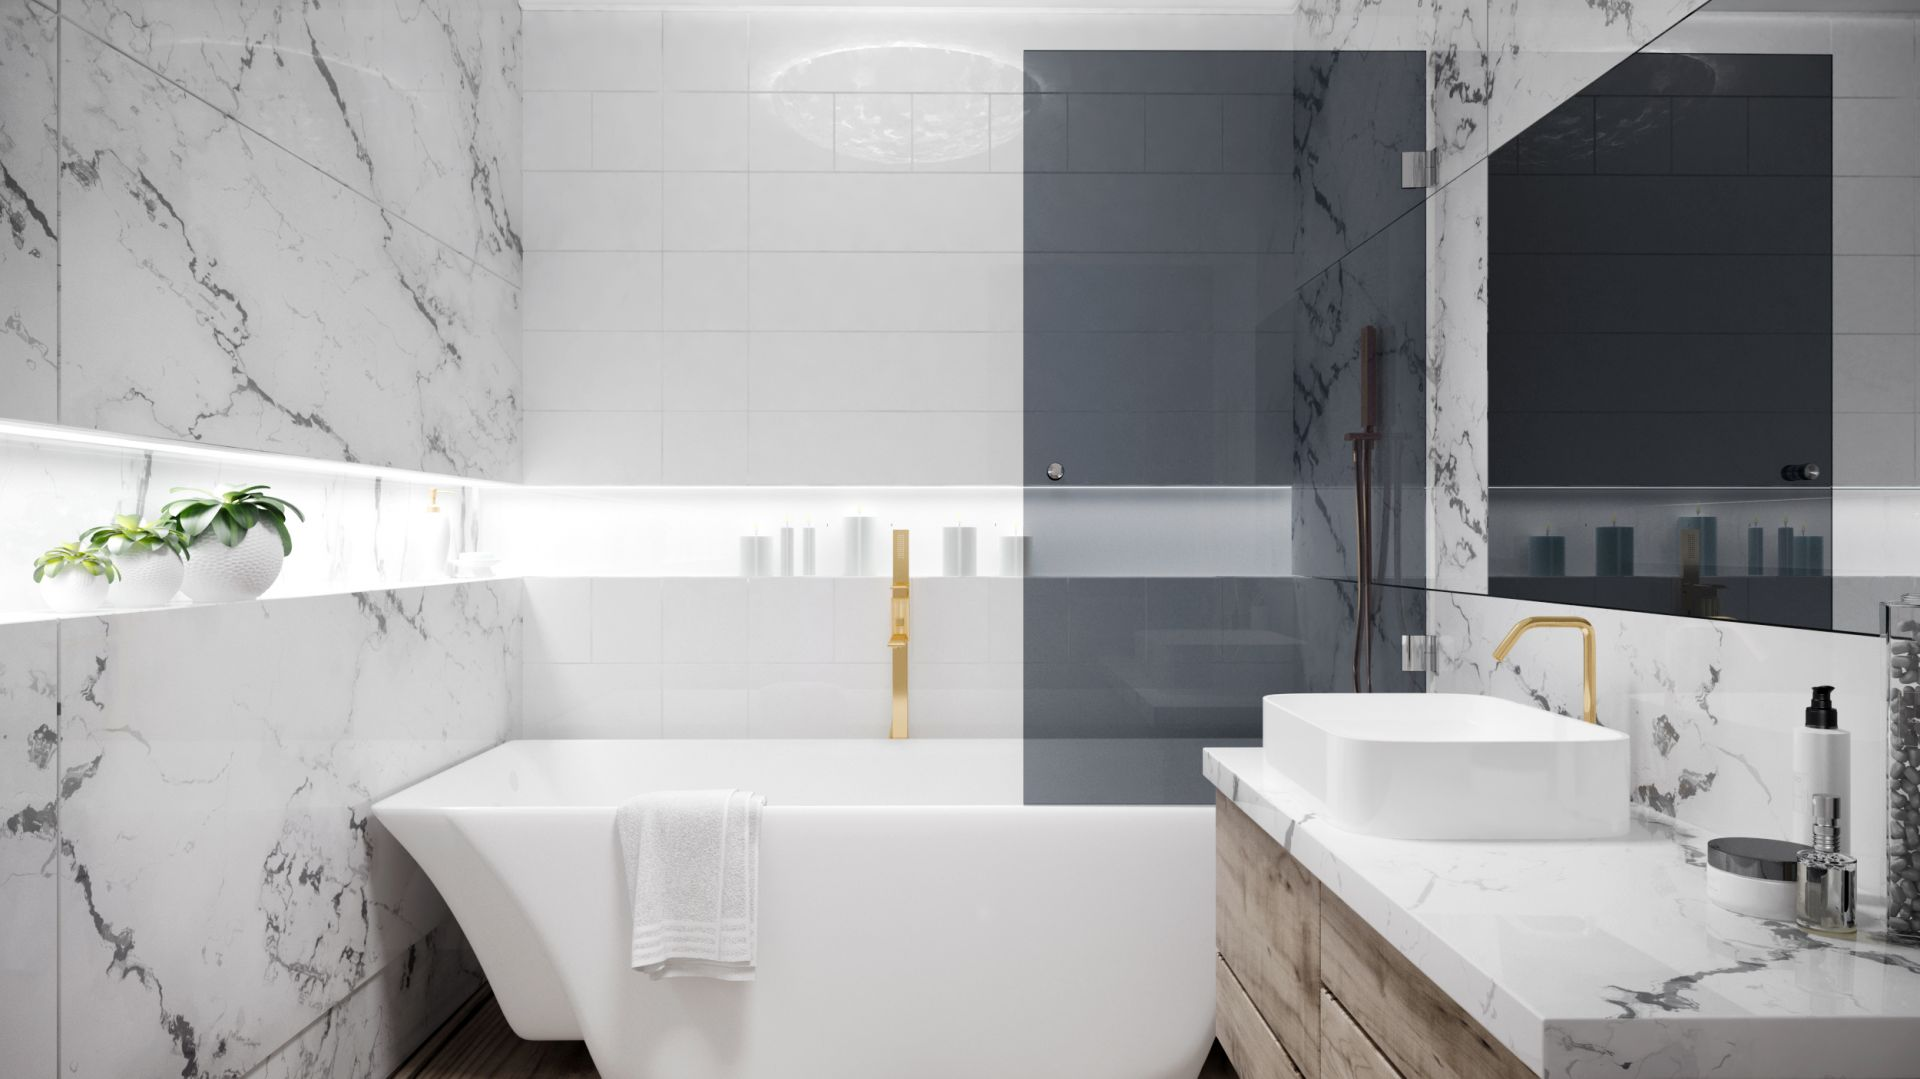 Parawan nawannowy Giuliano łączy funkcjonalność otwartej wanny z zamkniętym prysznicem; z eleganckiego grafitowego szkła. Fot. Glasimo